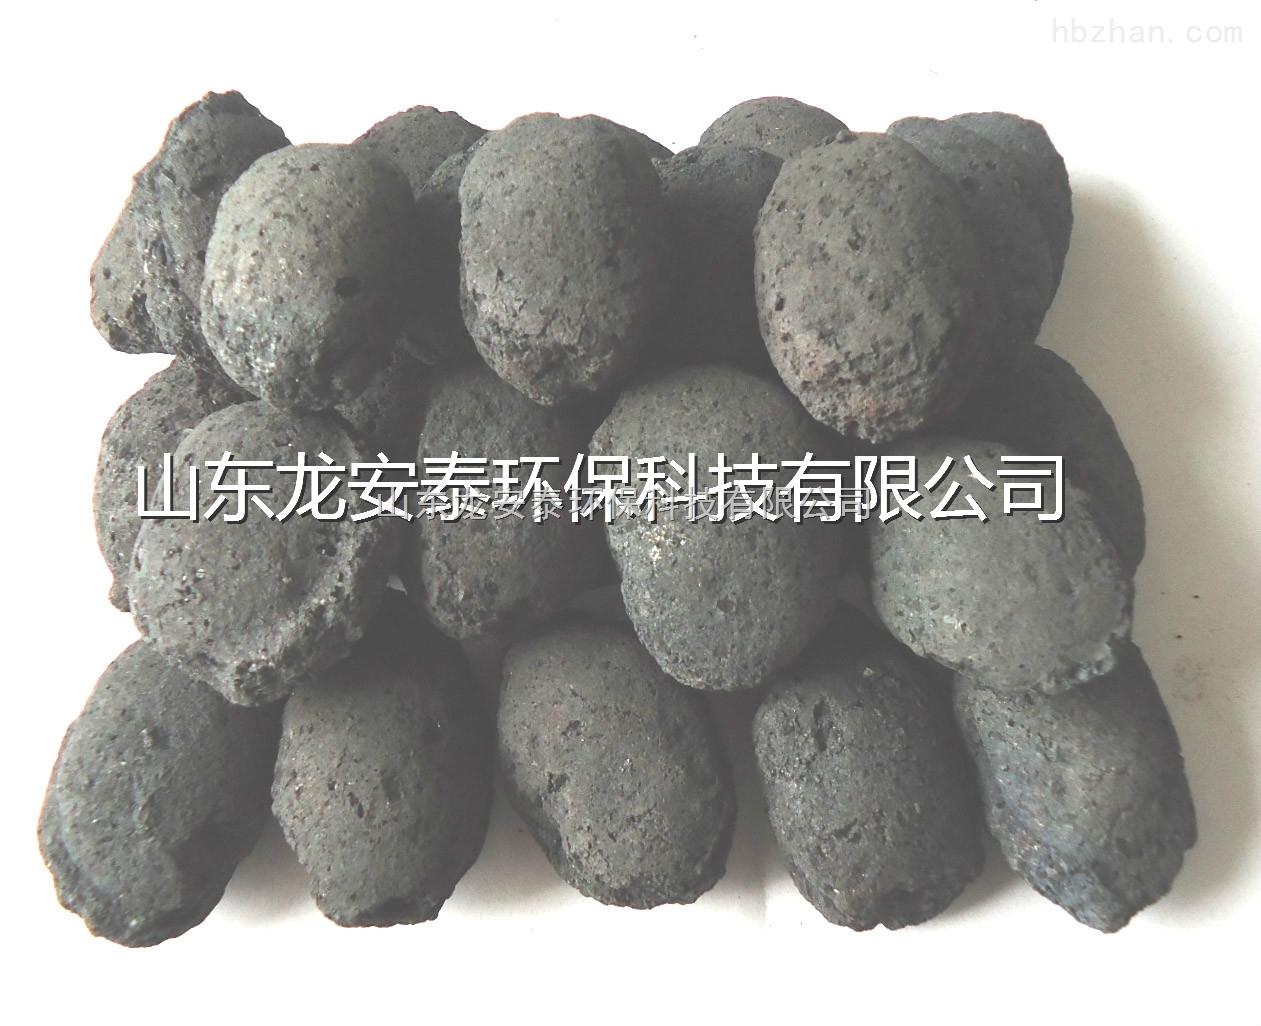 铁碳填料高浓度污水预处理工艺详细介绍